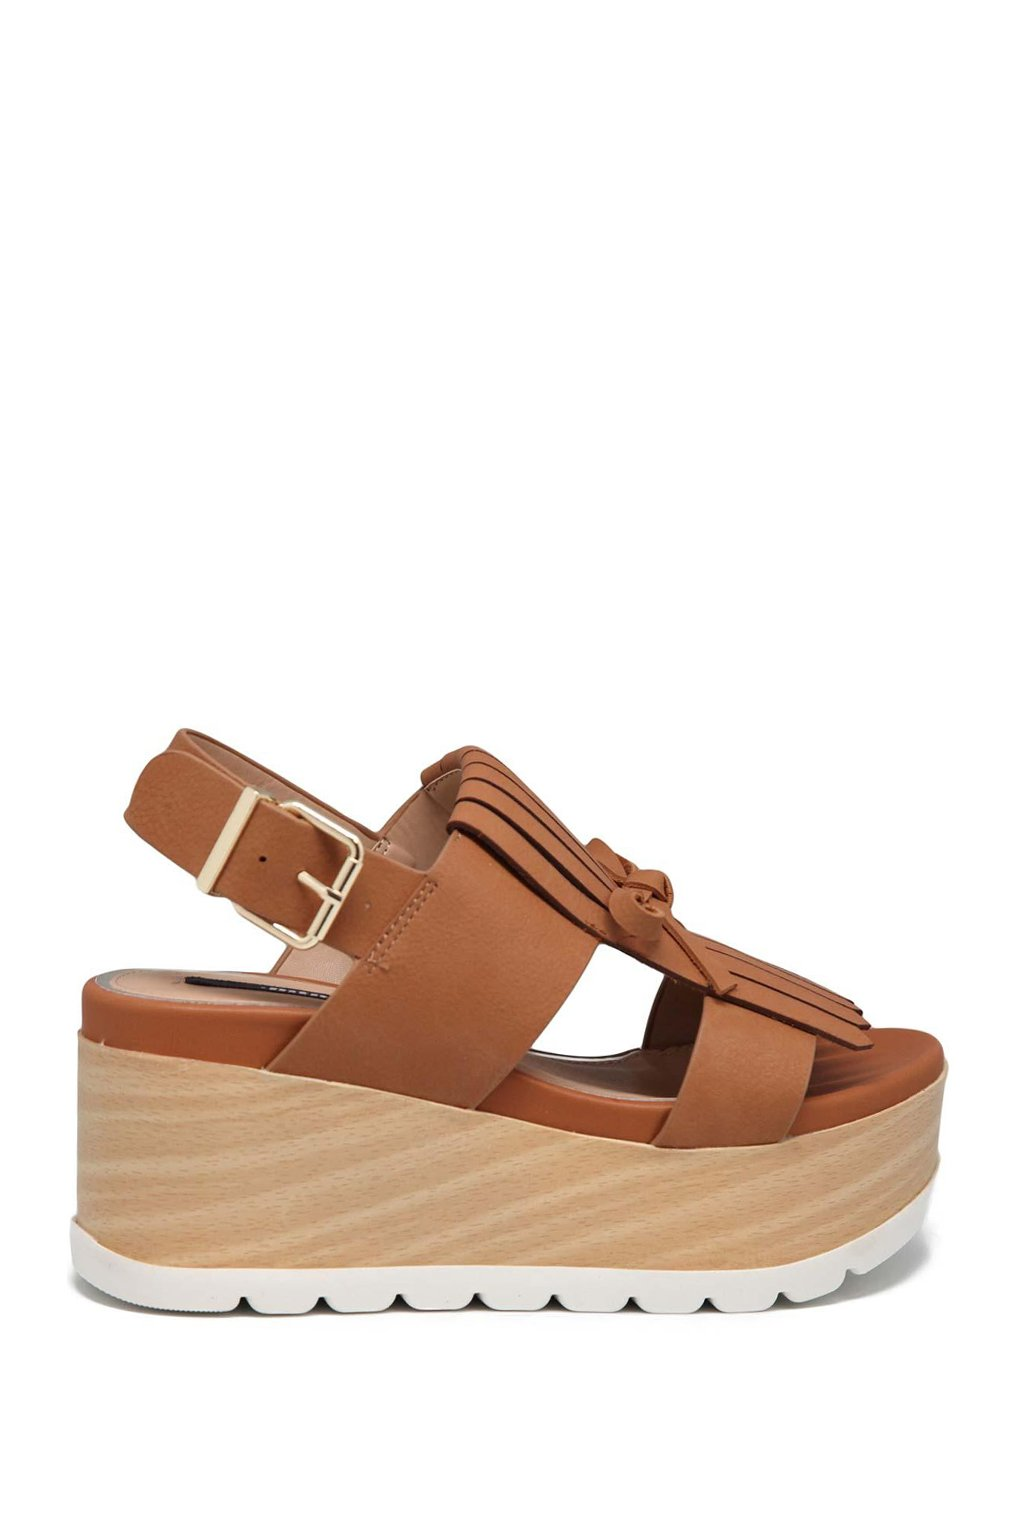 Hnědé sandály s třásněmi na platformě MTNG